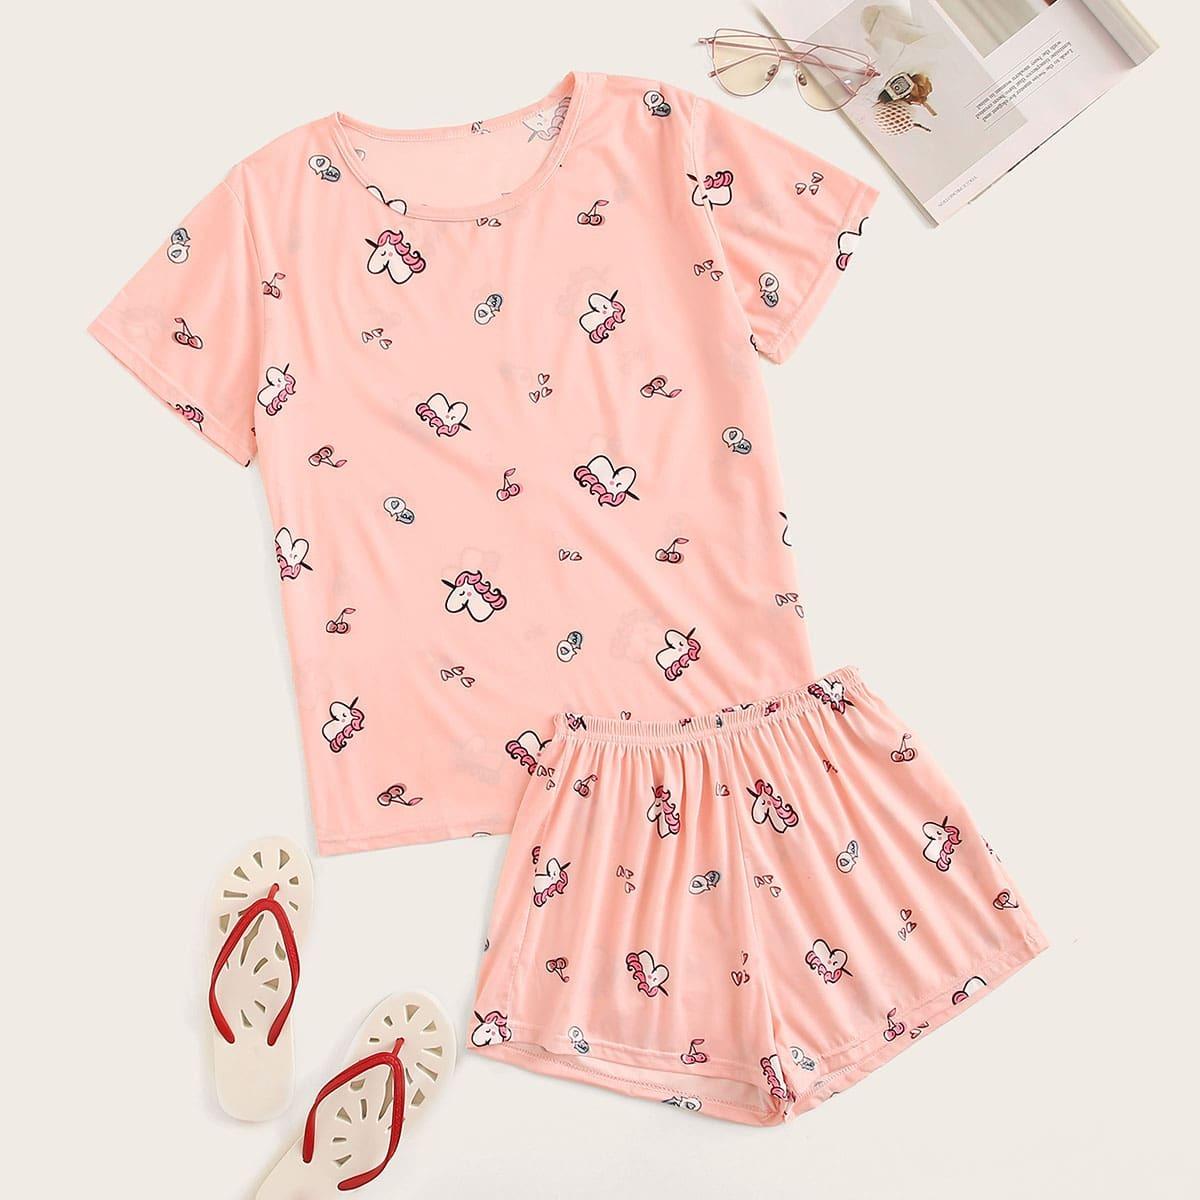 Pajama Set mit Einhorn und Kirsche Muster